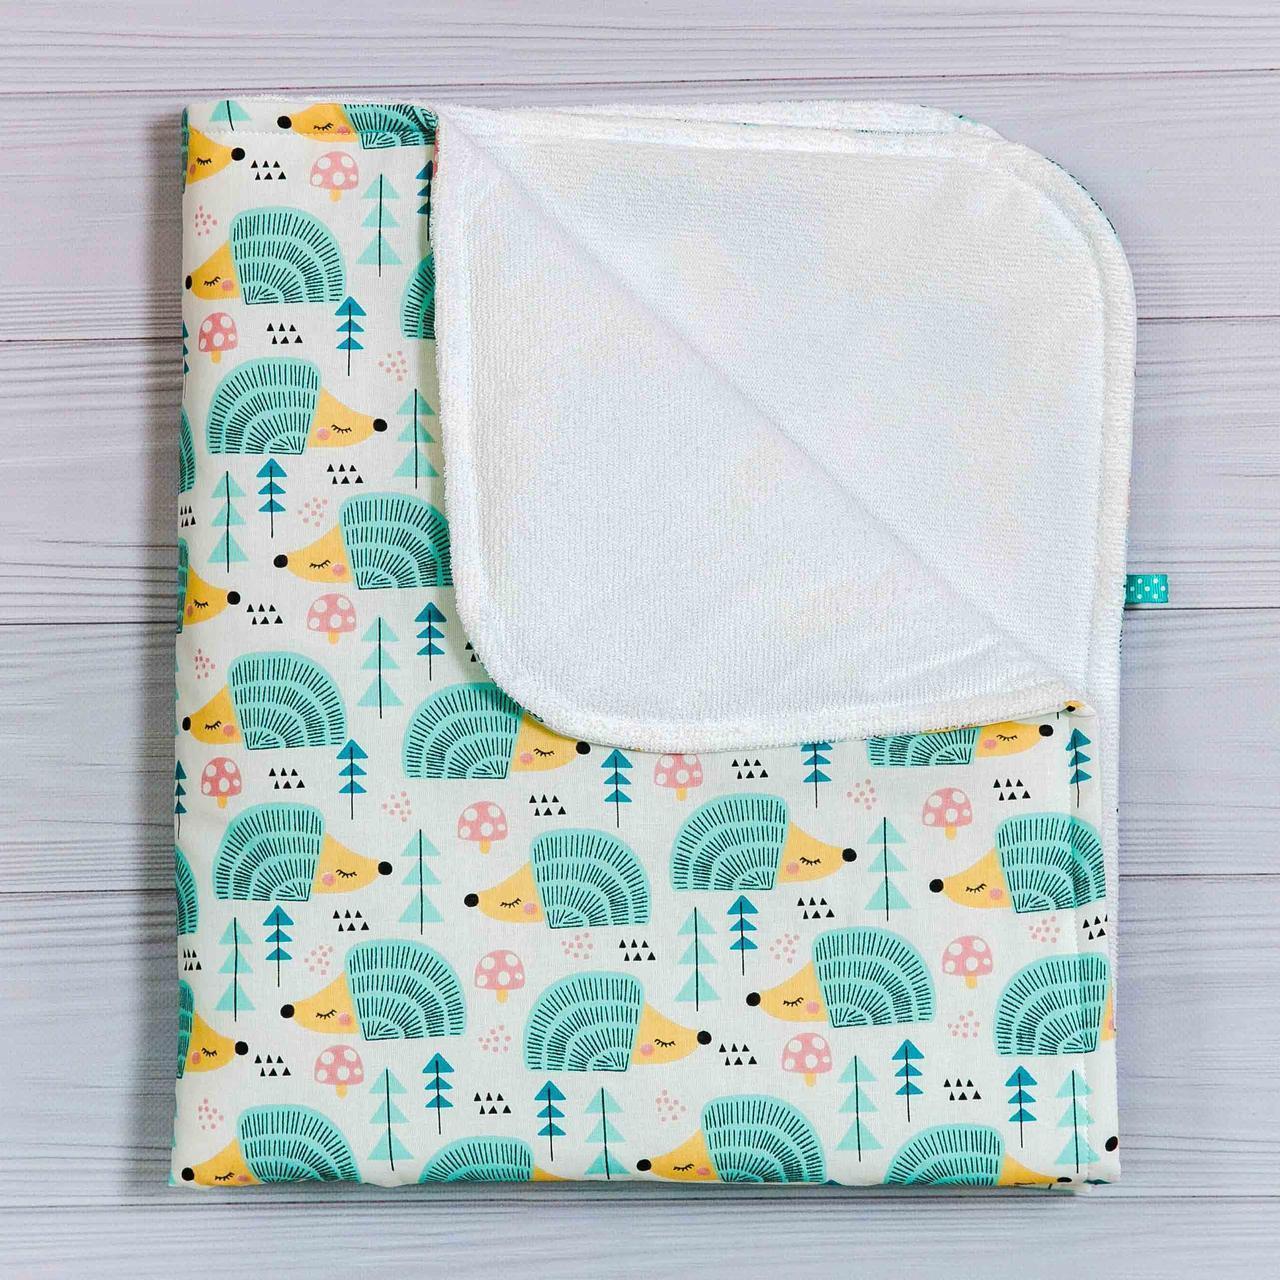 Непромокаемая пеленка   Мятные ежики 70 х 80 см